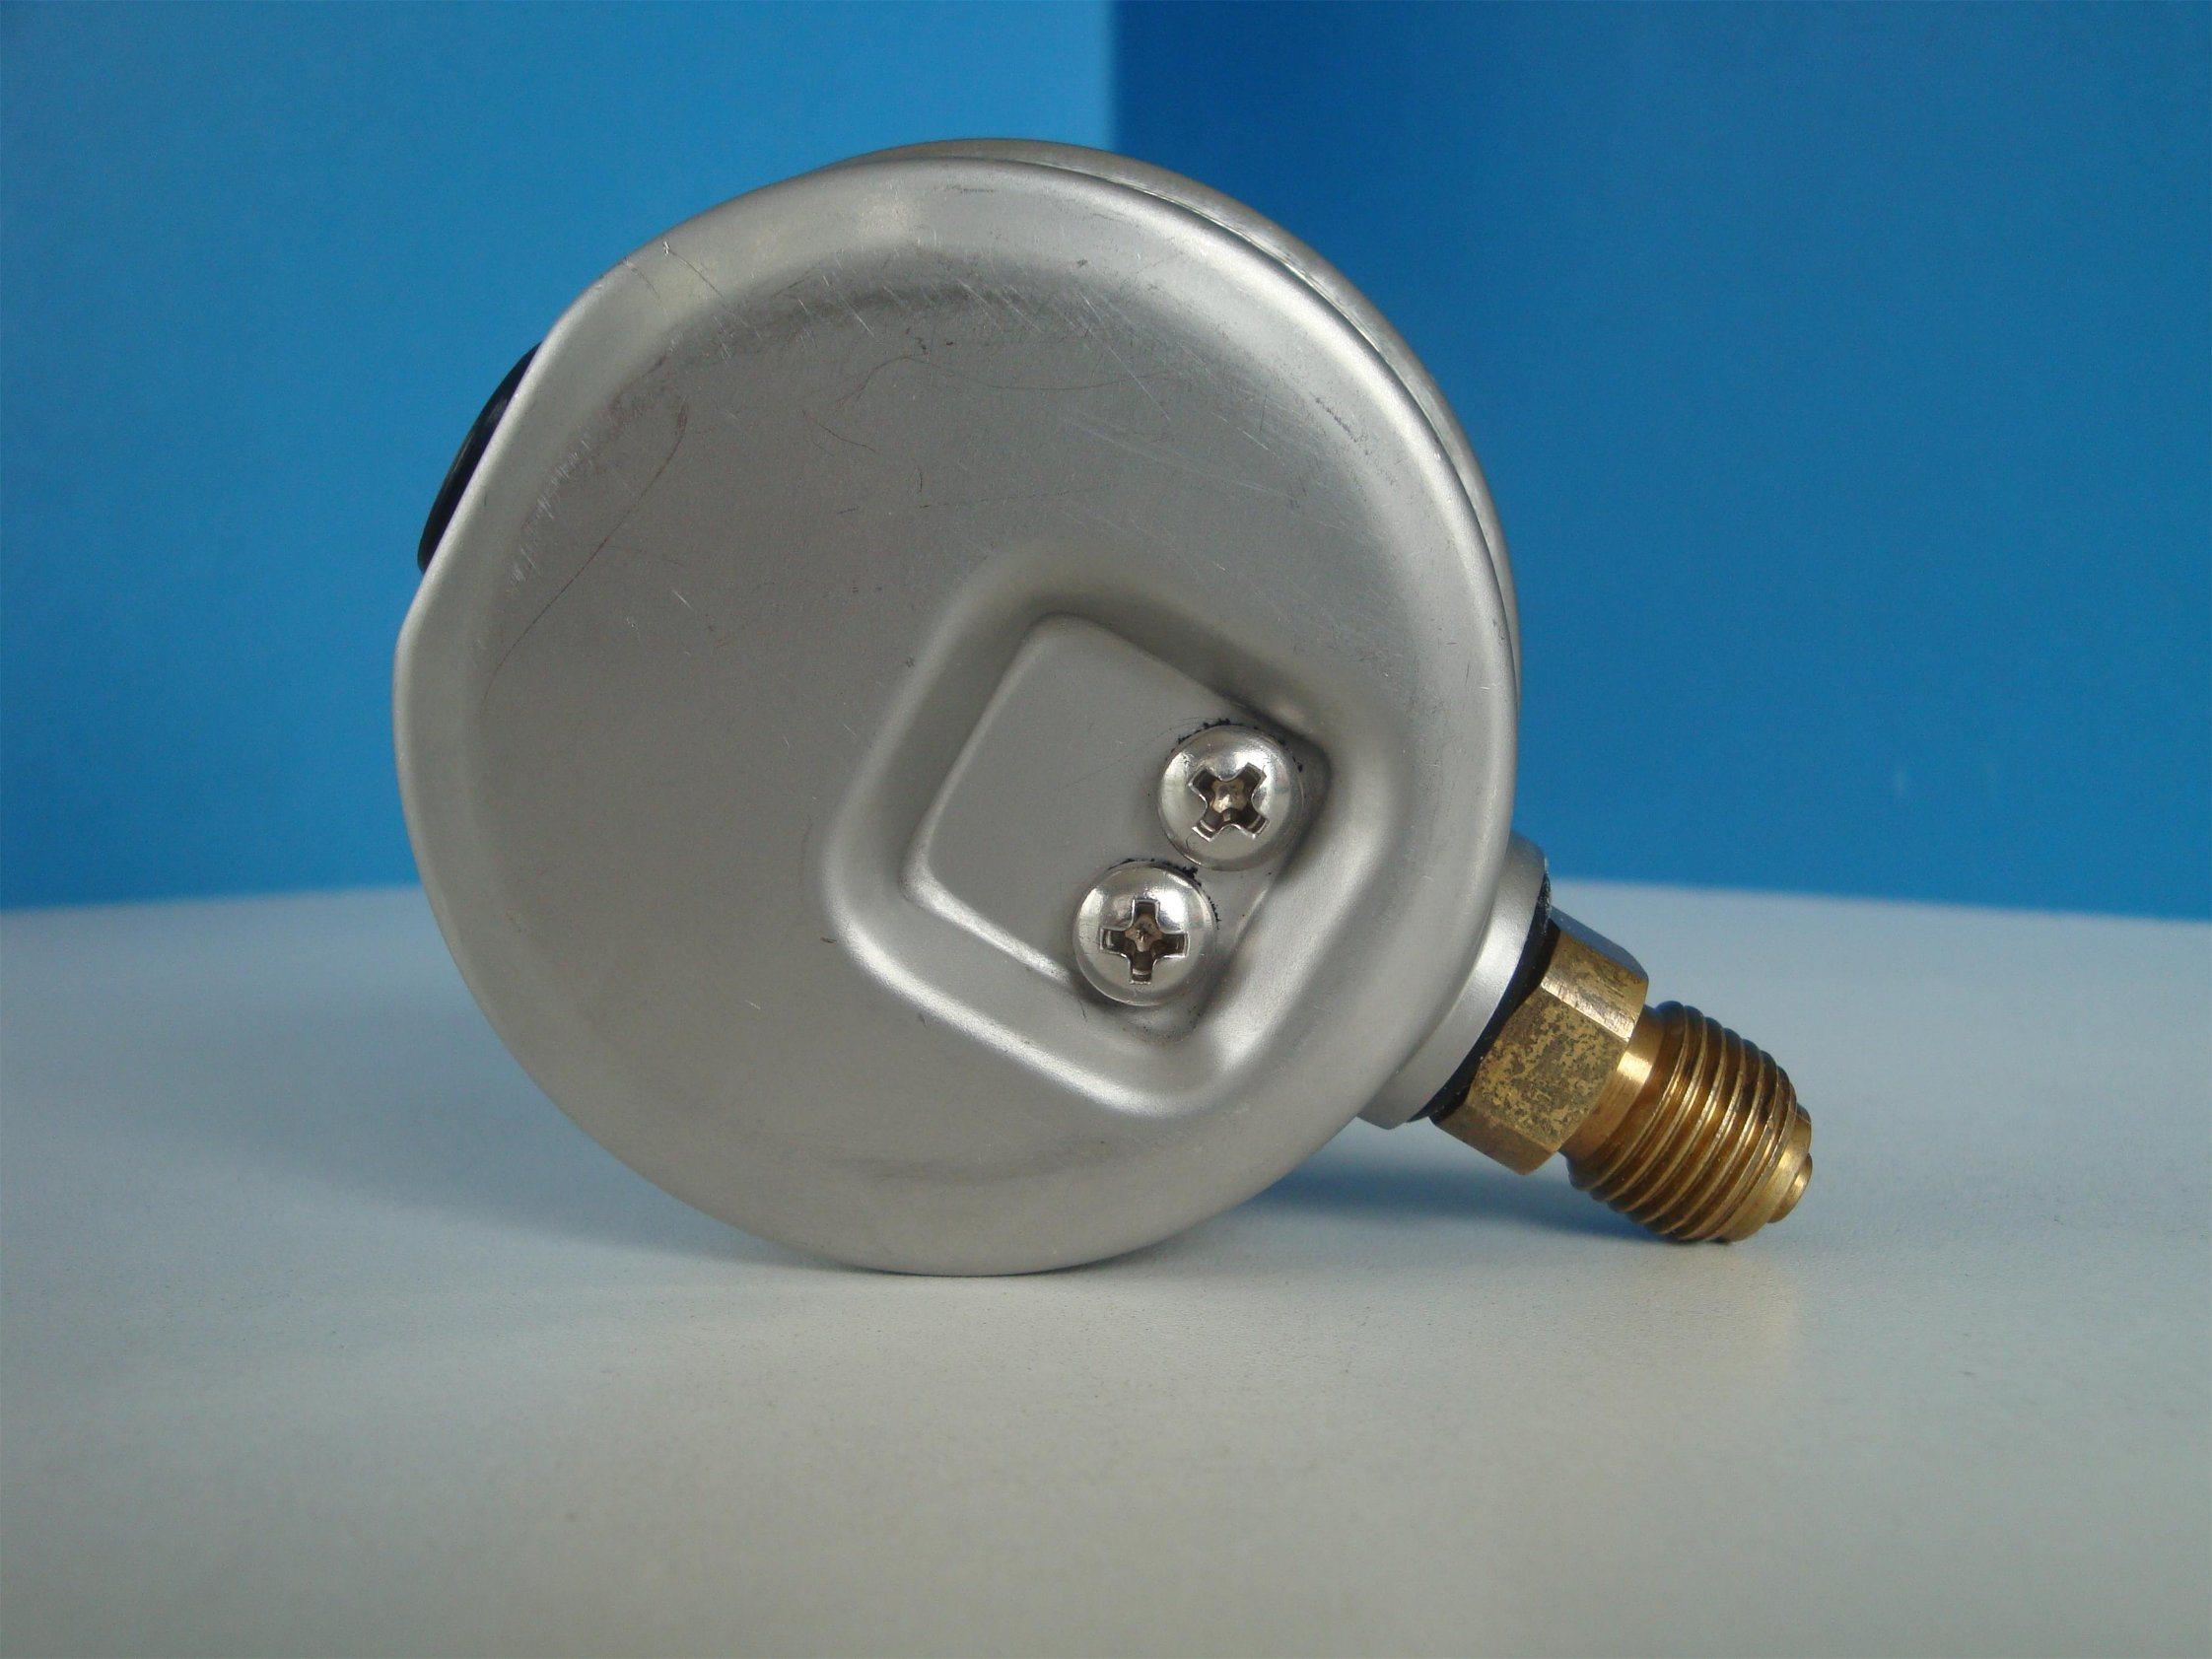 63mm Glycein Oil Pressure Gauge Stainless Steel Case Brass Internals